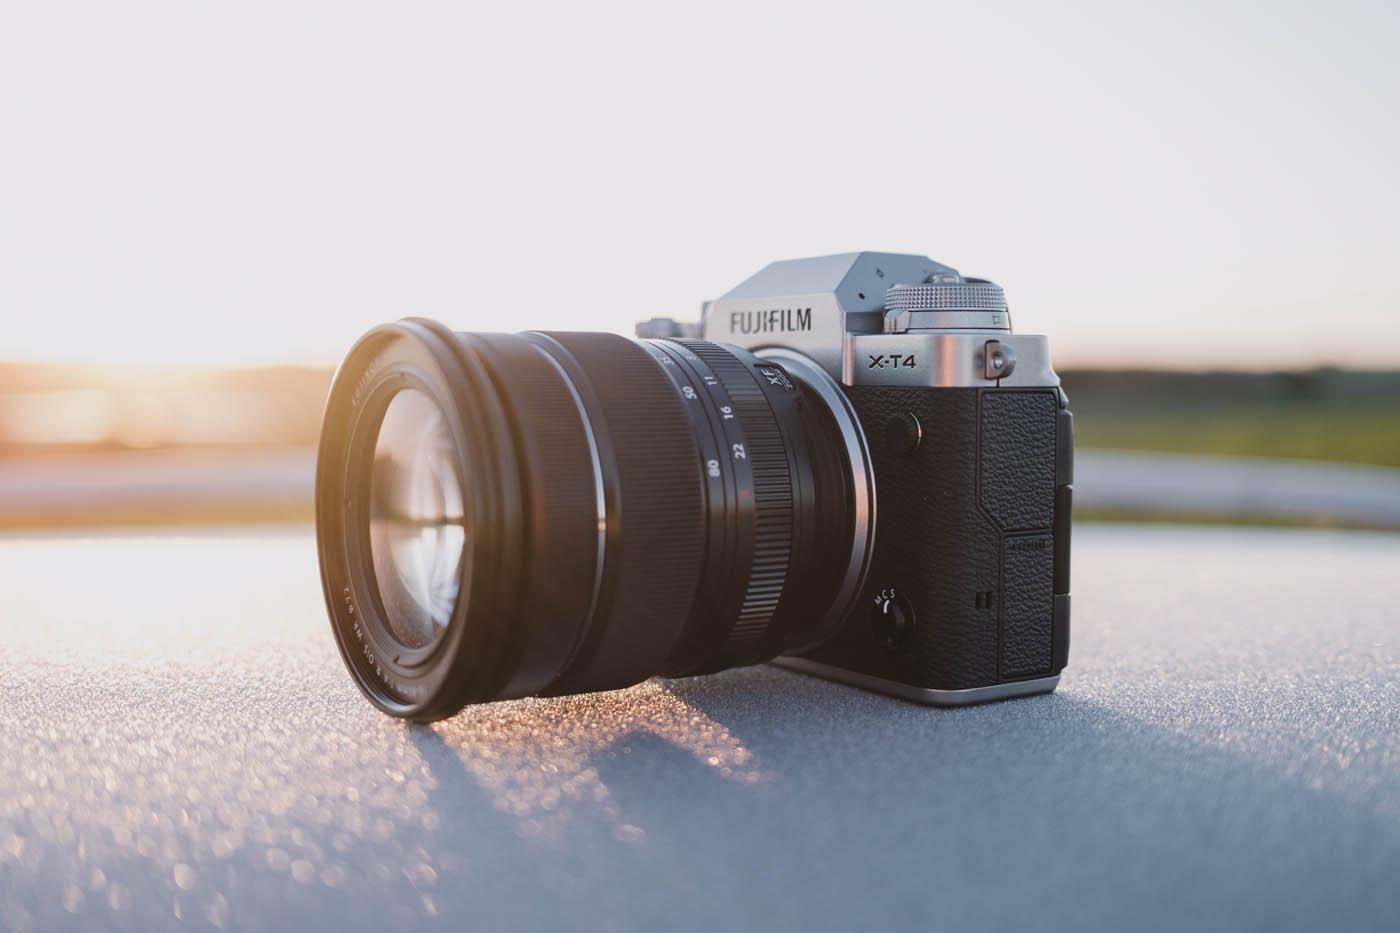 Un photographe a comparé le bruit du déclenchement du Fujifilm X-T4 avec les anciens boîtiers X-T